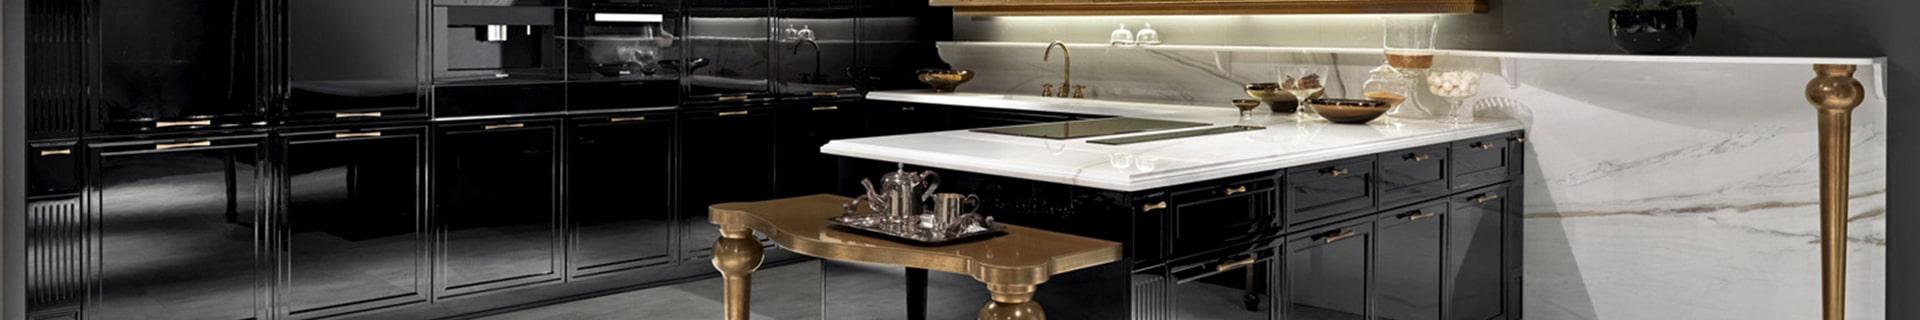 Passion Cuisines - Cuisiniste Vendenheim - Cuisines